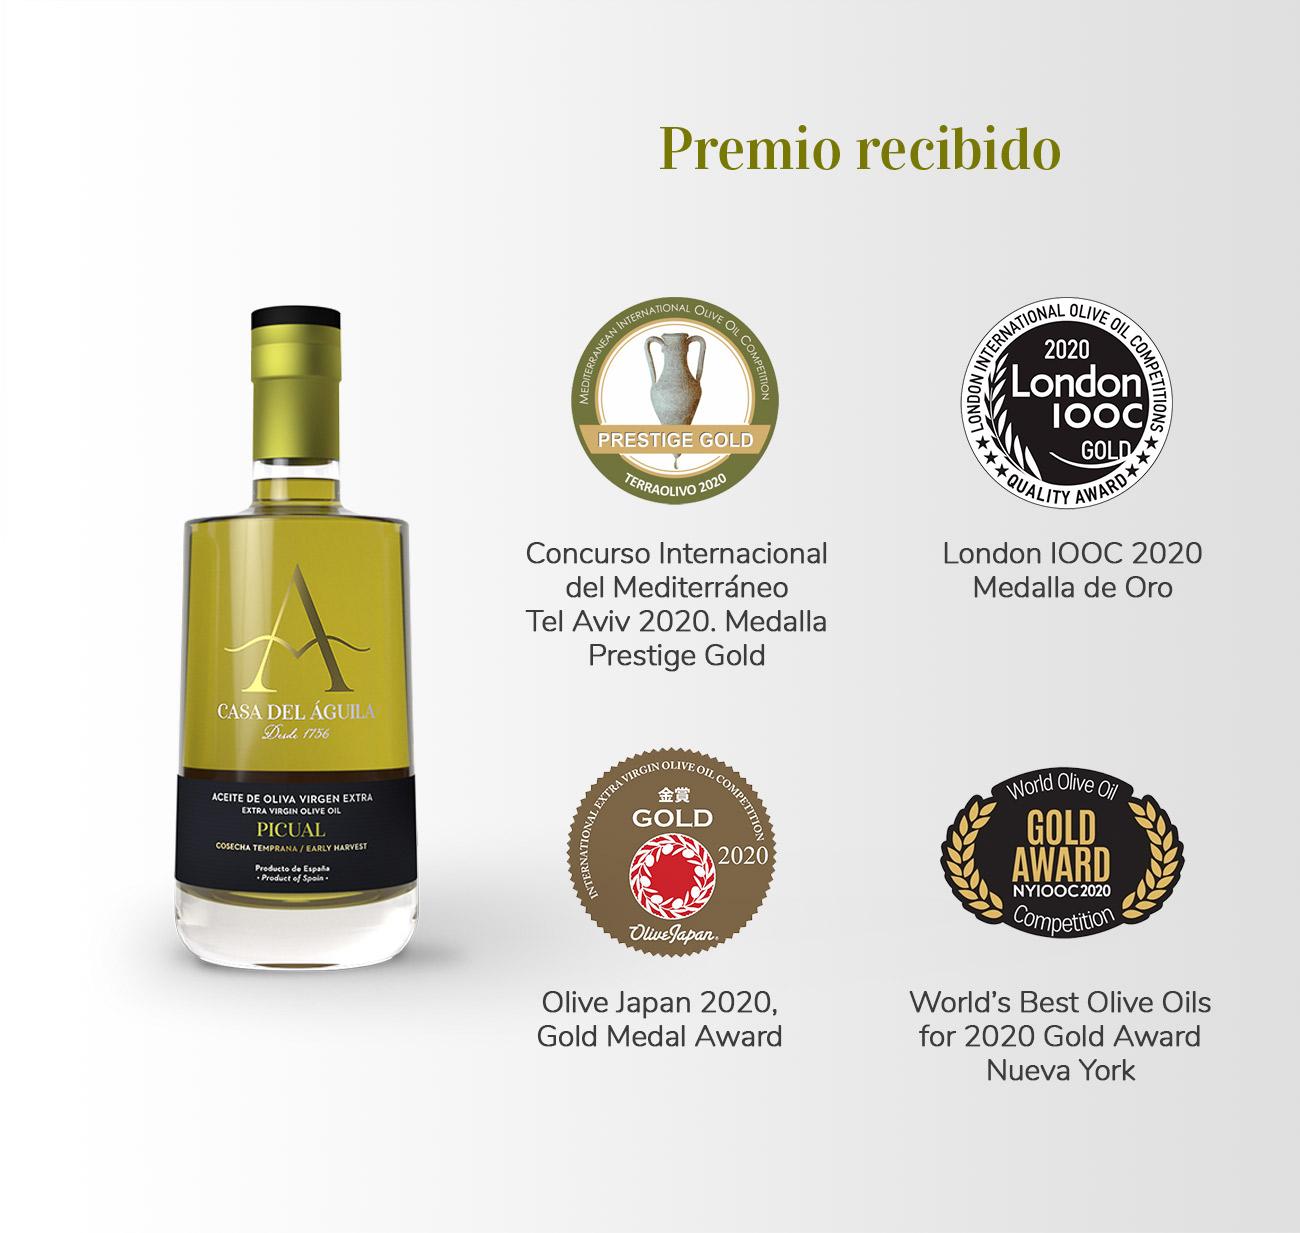 Aceite reconocido con el Prestige Gold del Concurso Internacional del Mediterráneo 2020